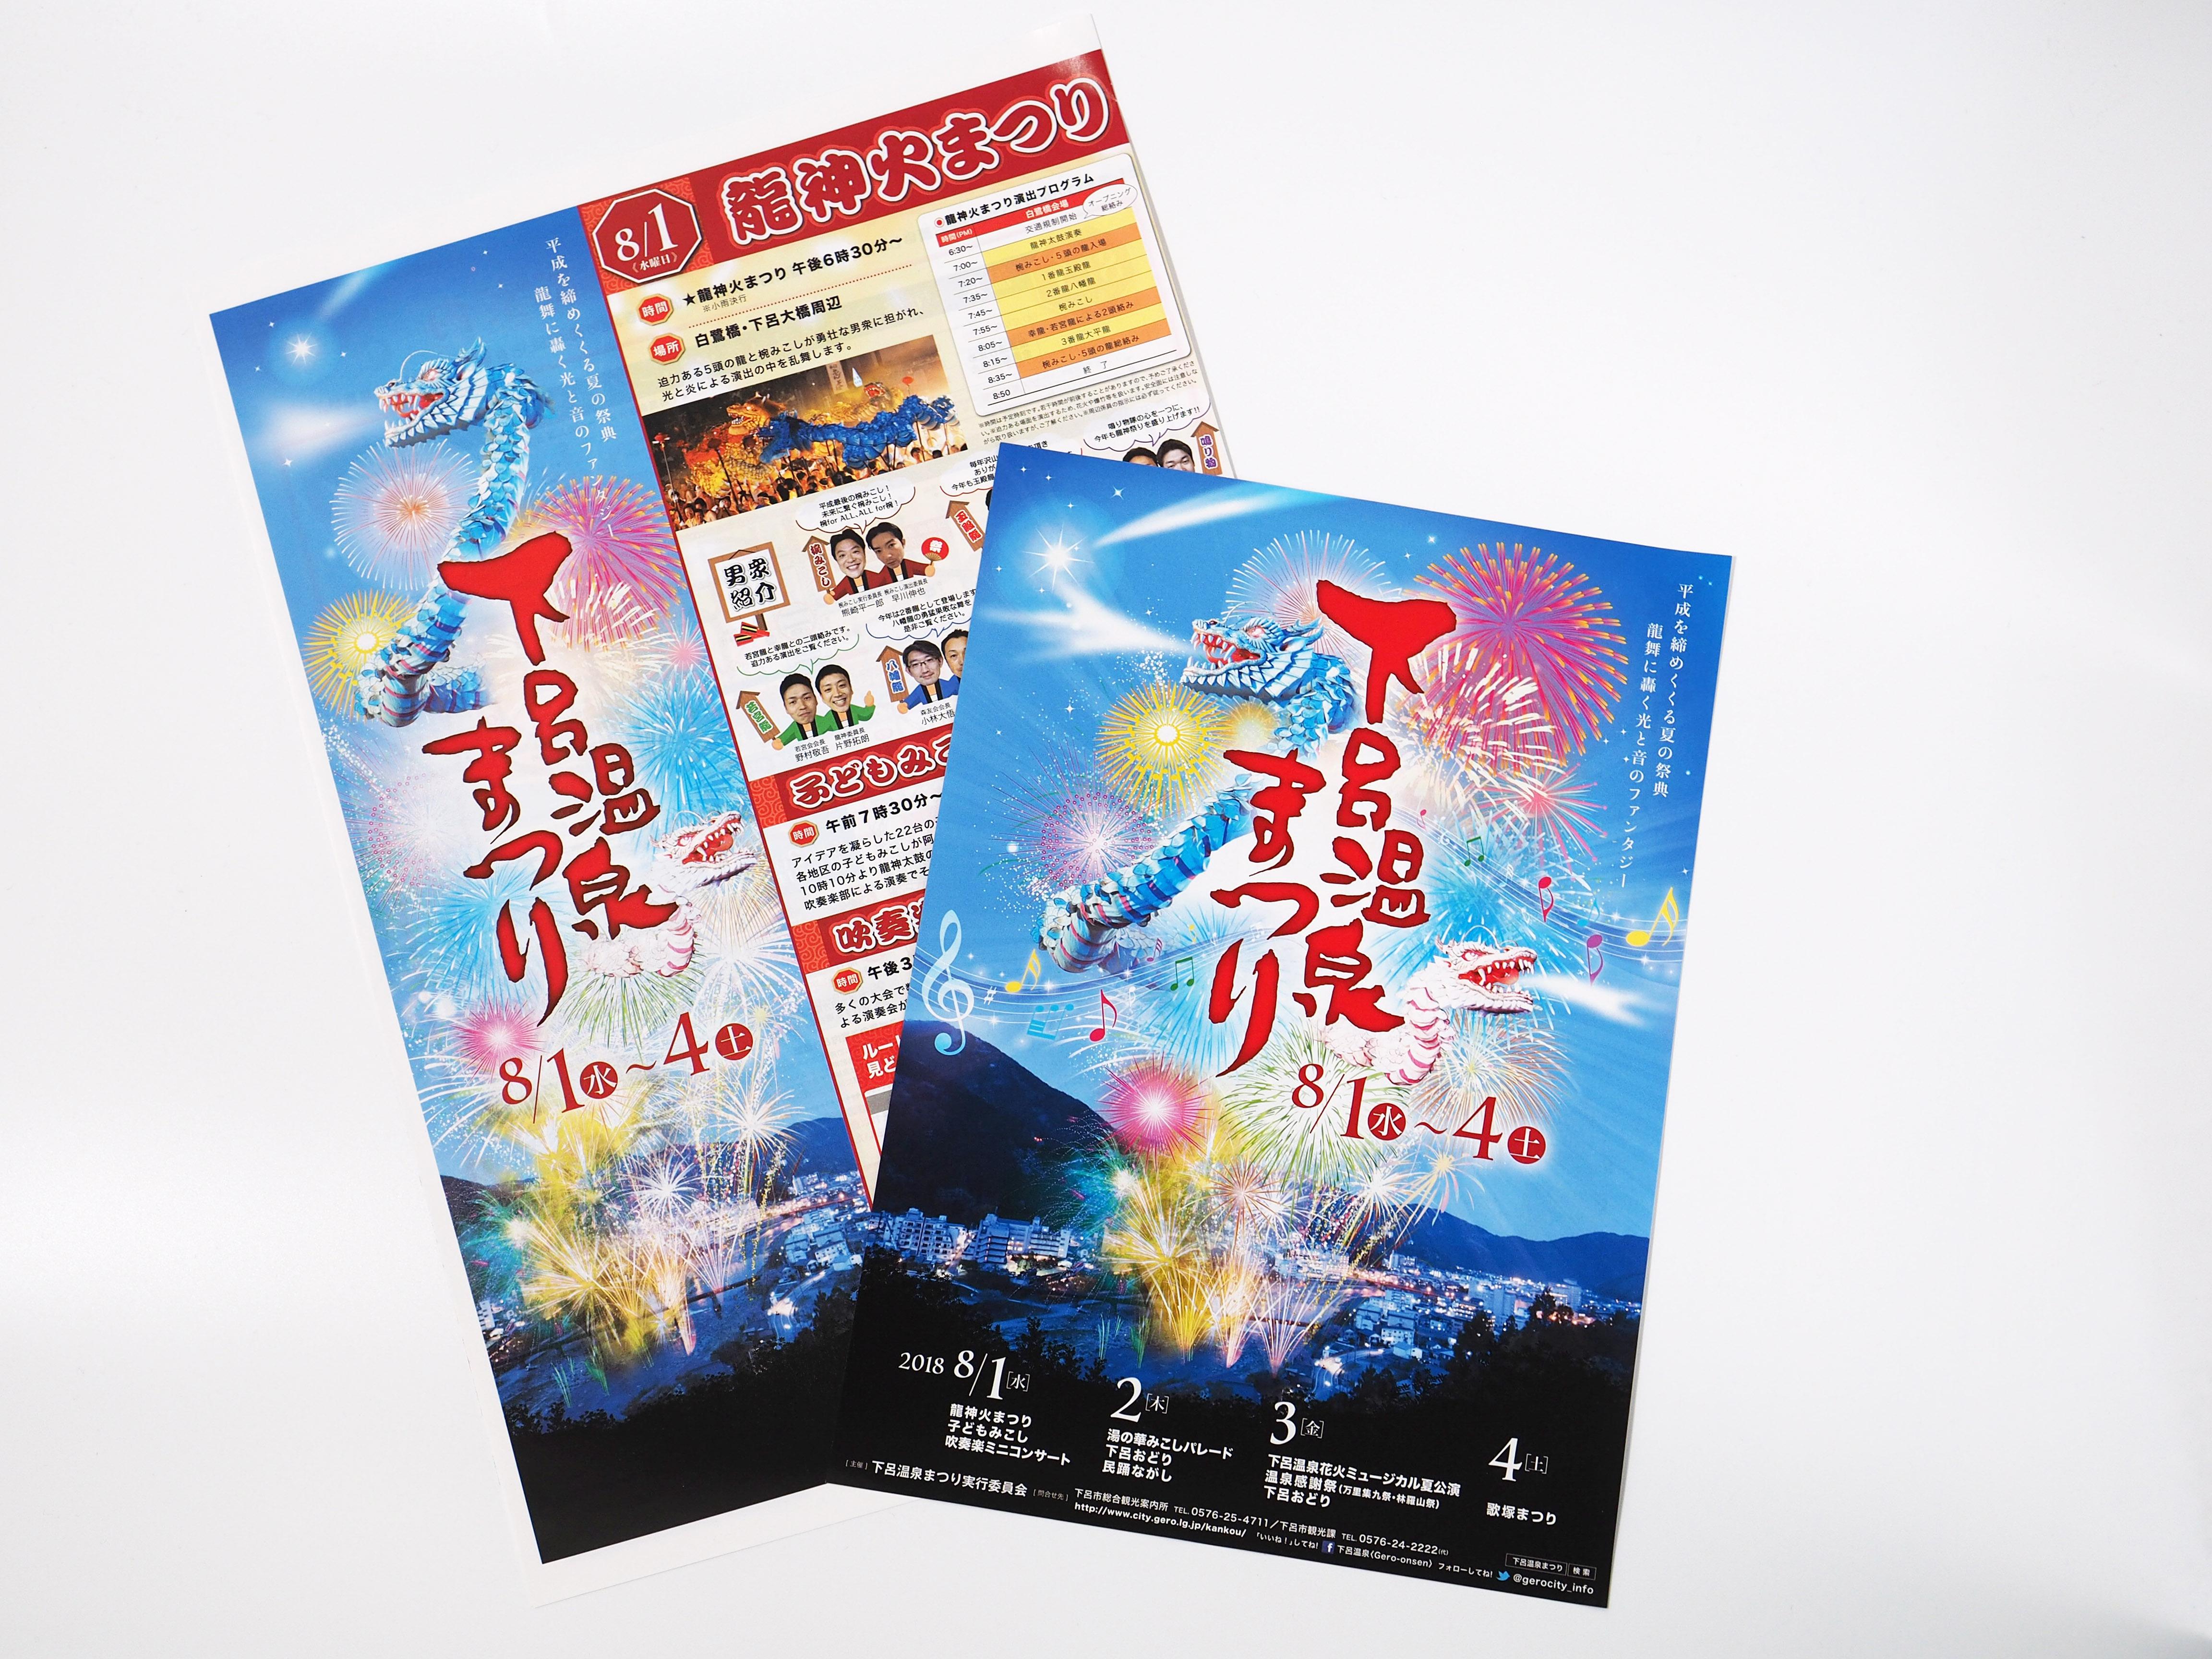 イベント関連印刷物